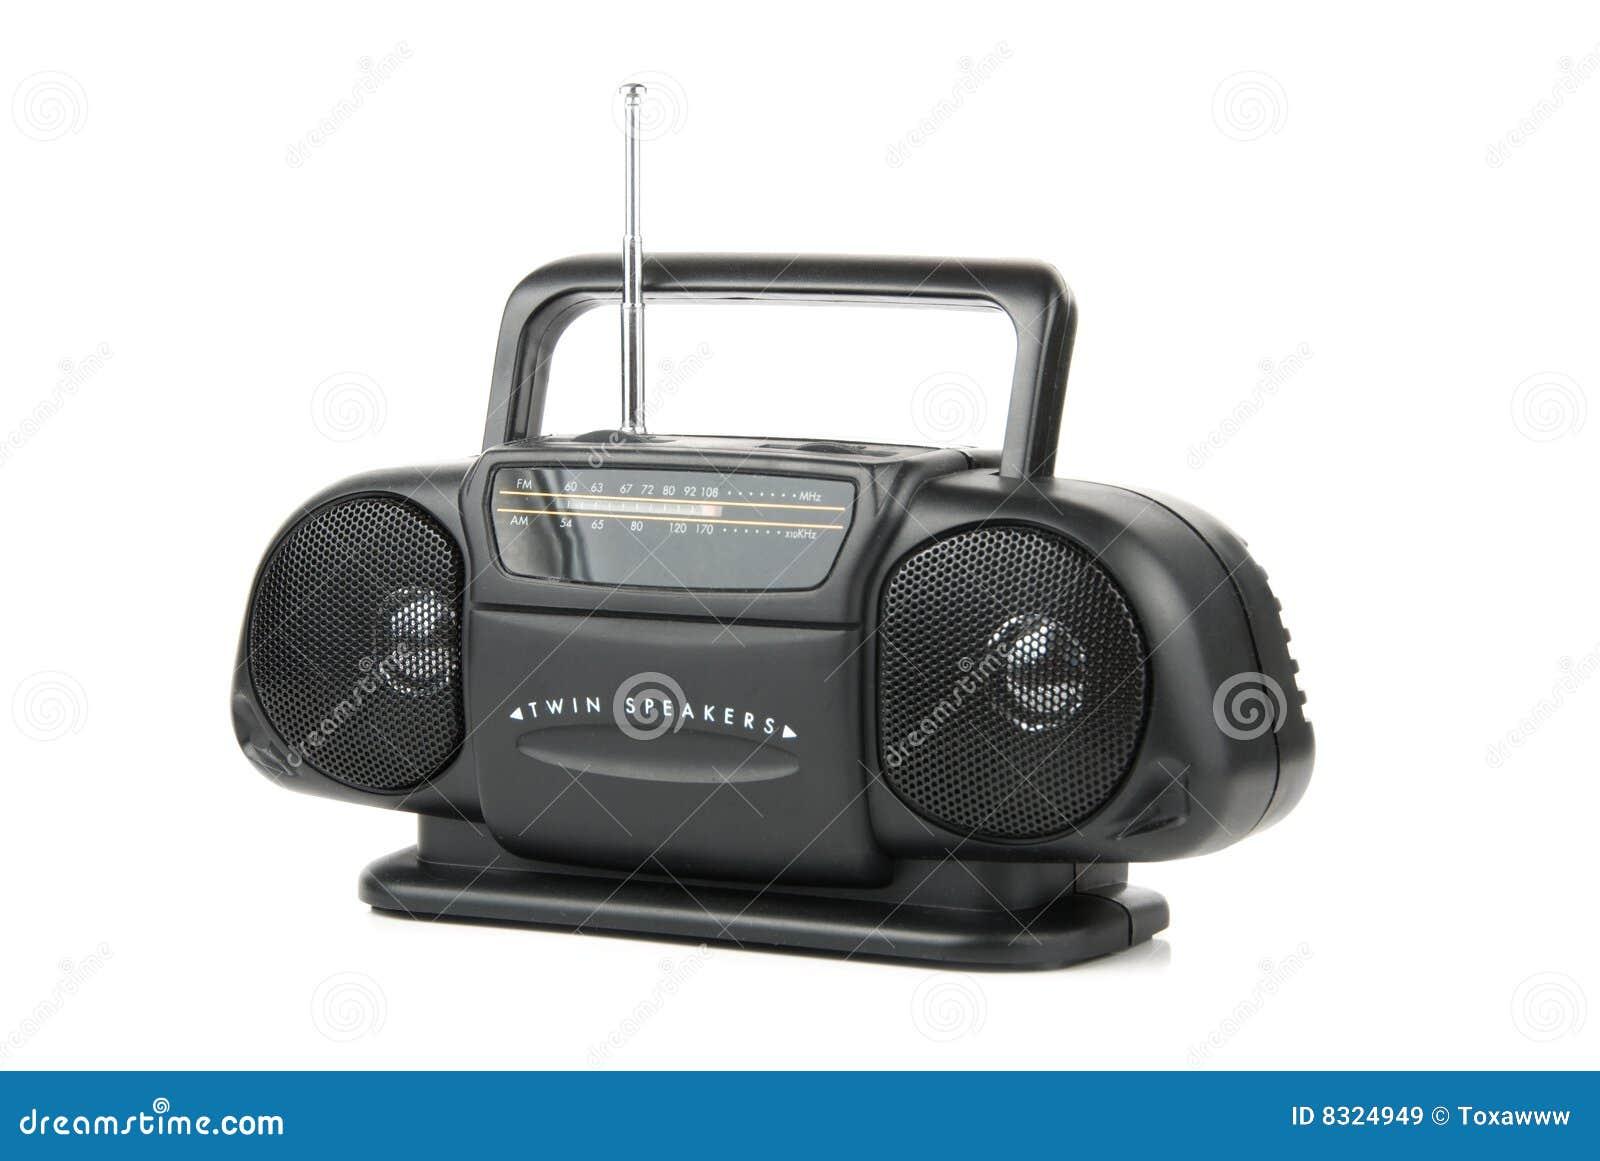 ραδιο στερεοφωνικό συ&gam